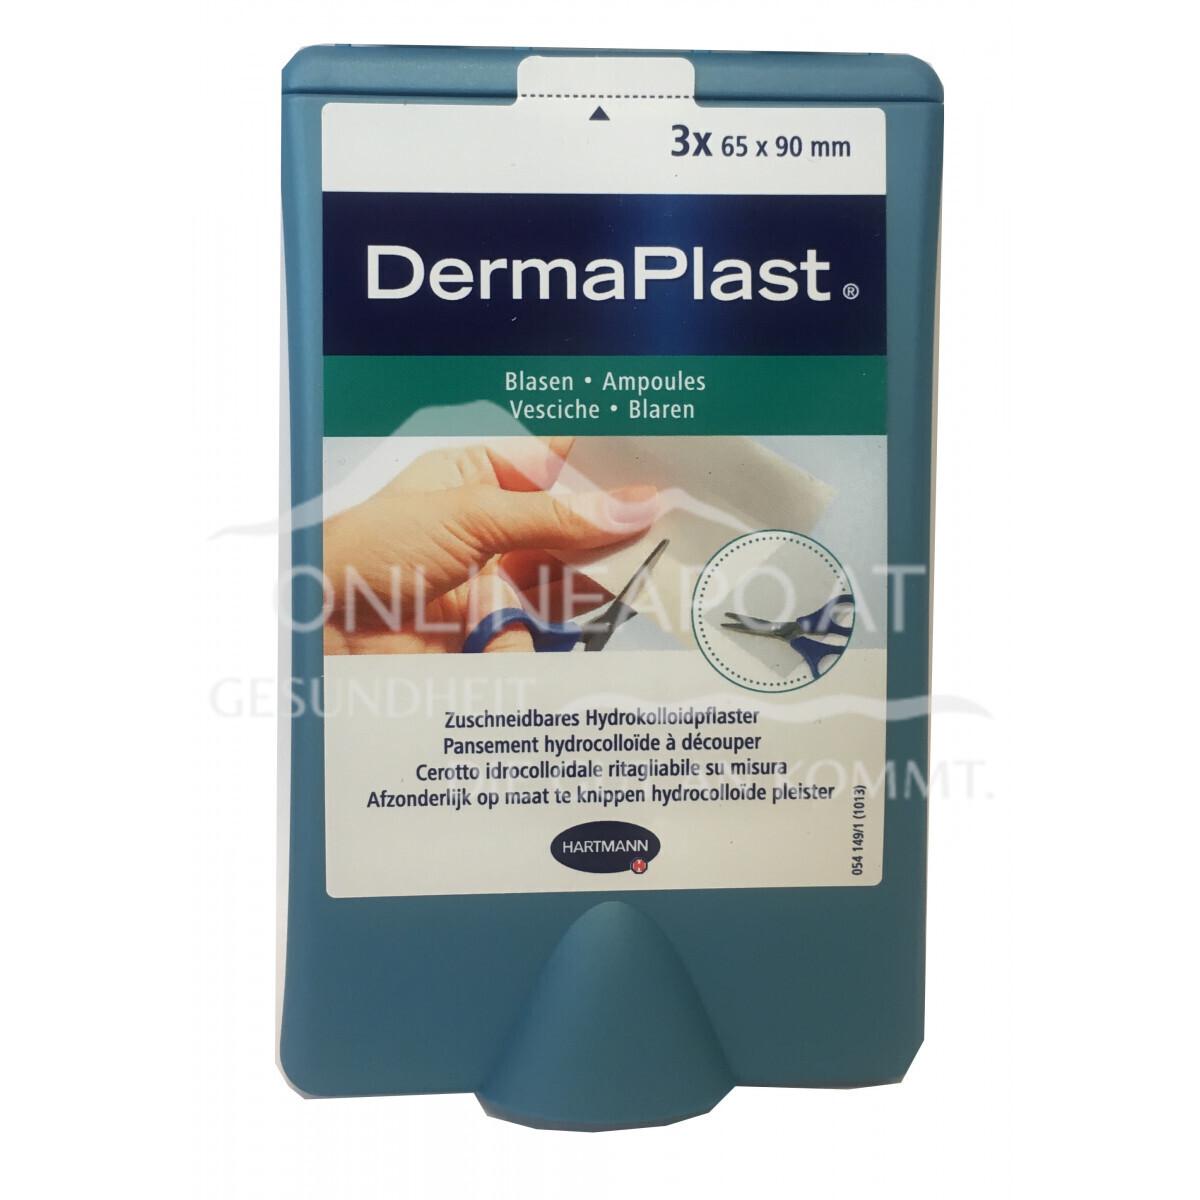 DermaPlast® Blasenpflaster zuschneidbar 65 x 90mm